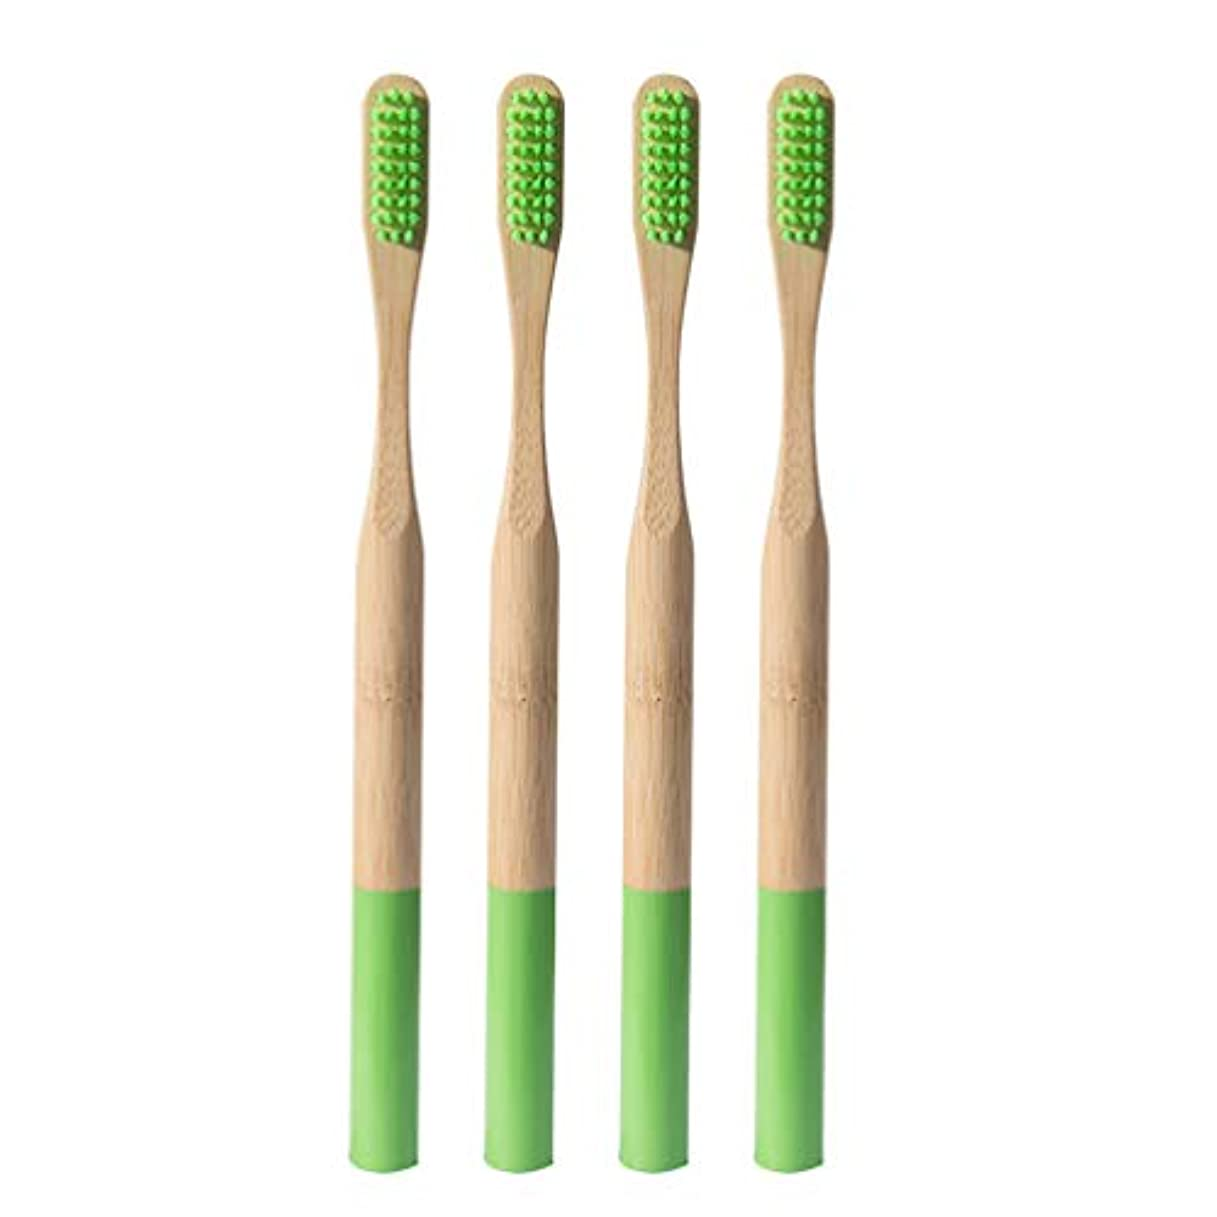 上弱点文房具Heallily 竹歯ブラシ4ピースソフトブリスル歯ブラシ生分解性、環境に優しいソフト歯ブラシ、大人用の細い毛を備えた抗菌歯ブラシ(グラスグリーン)